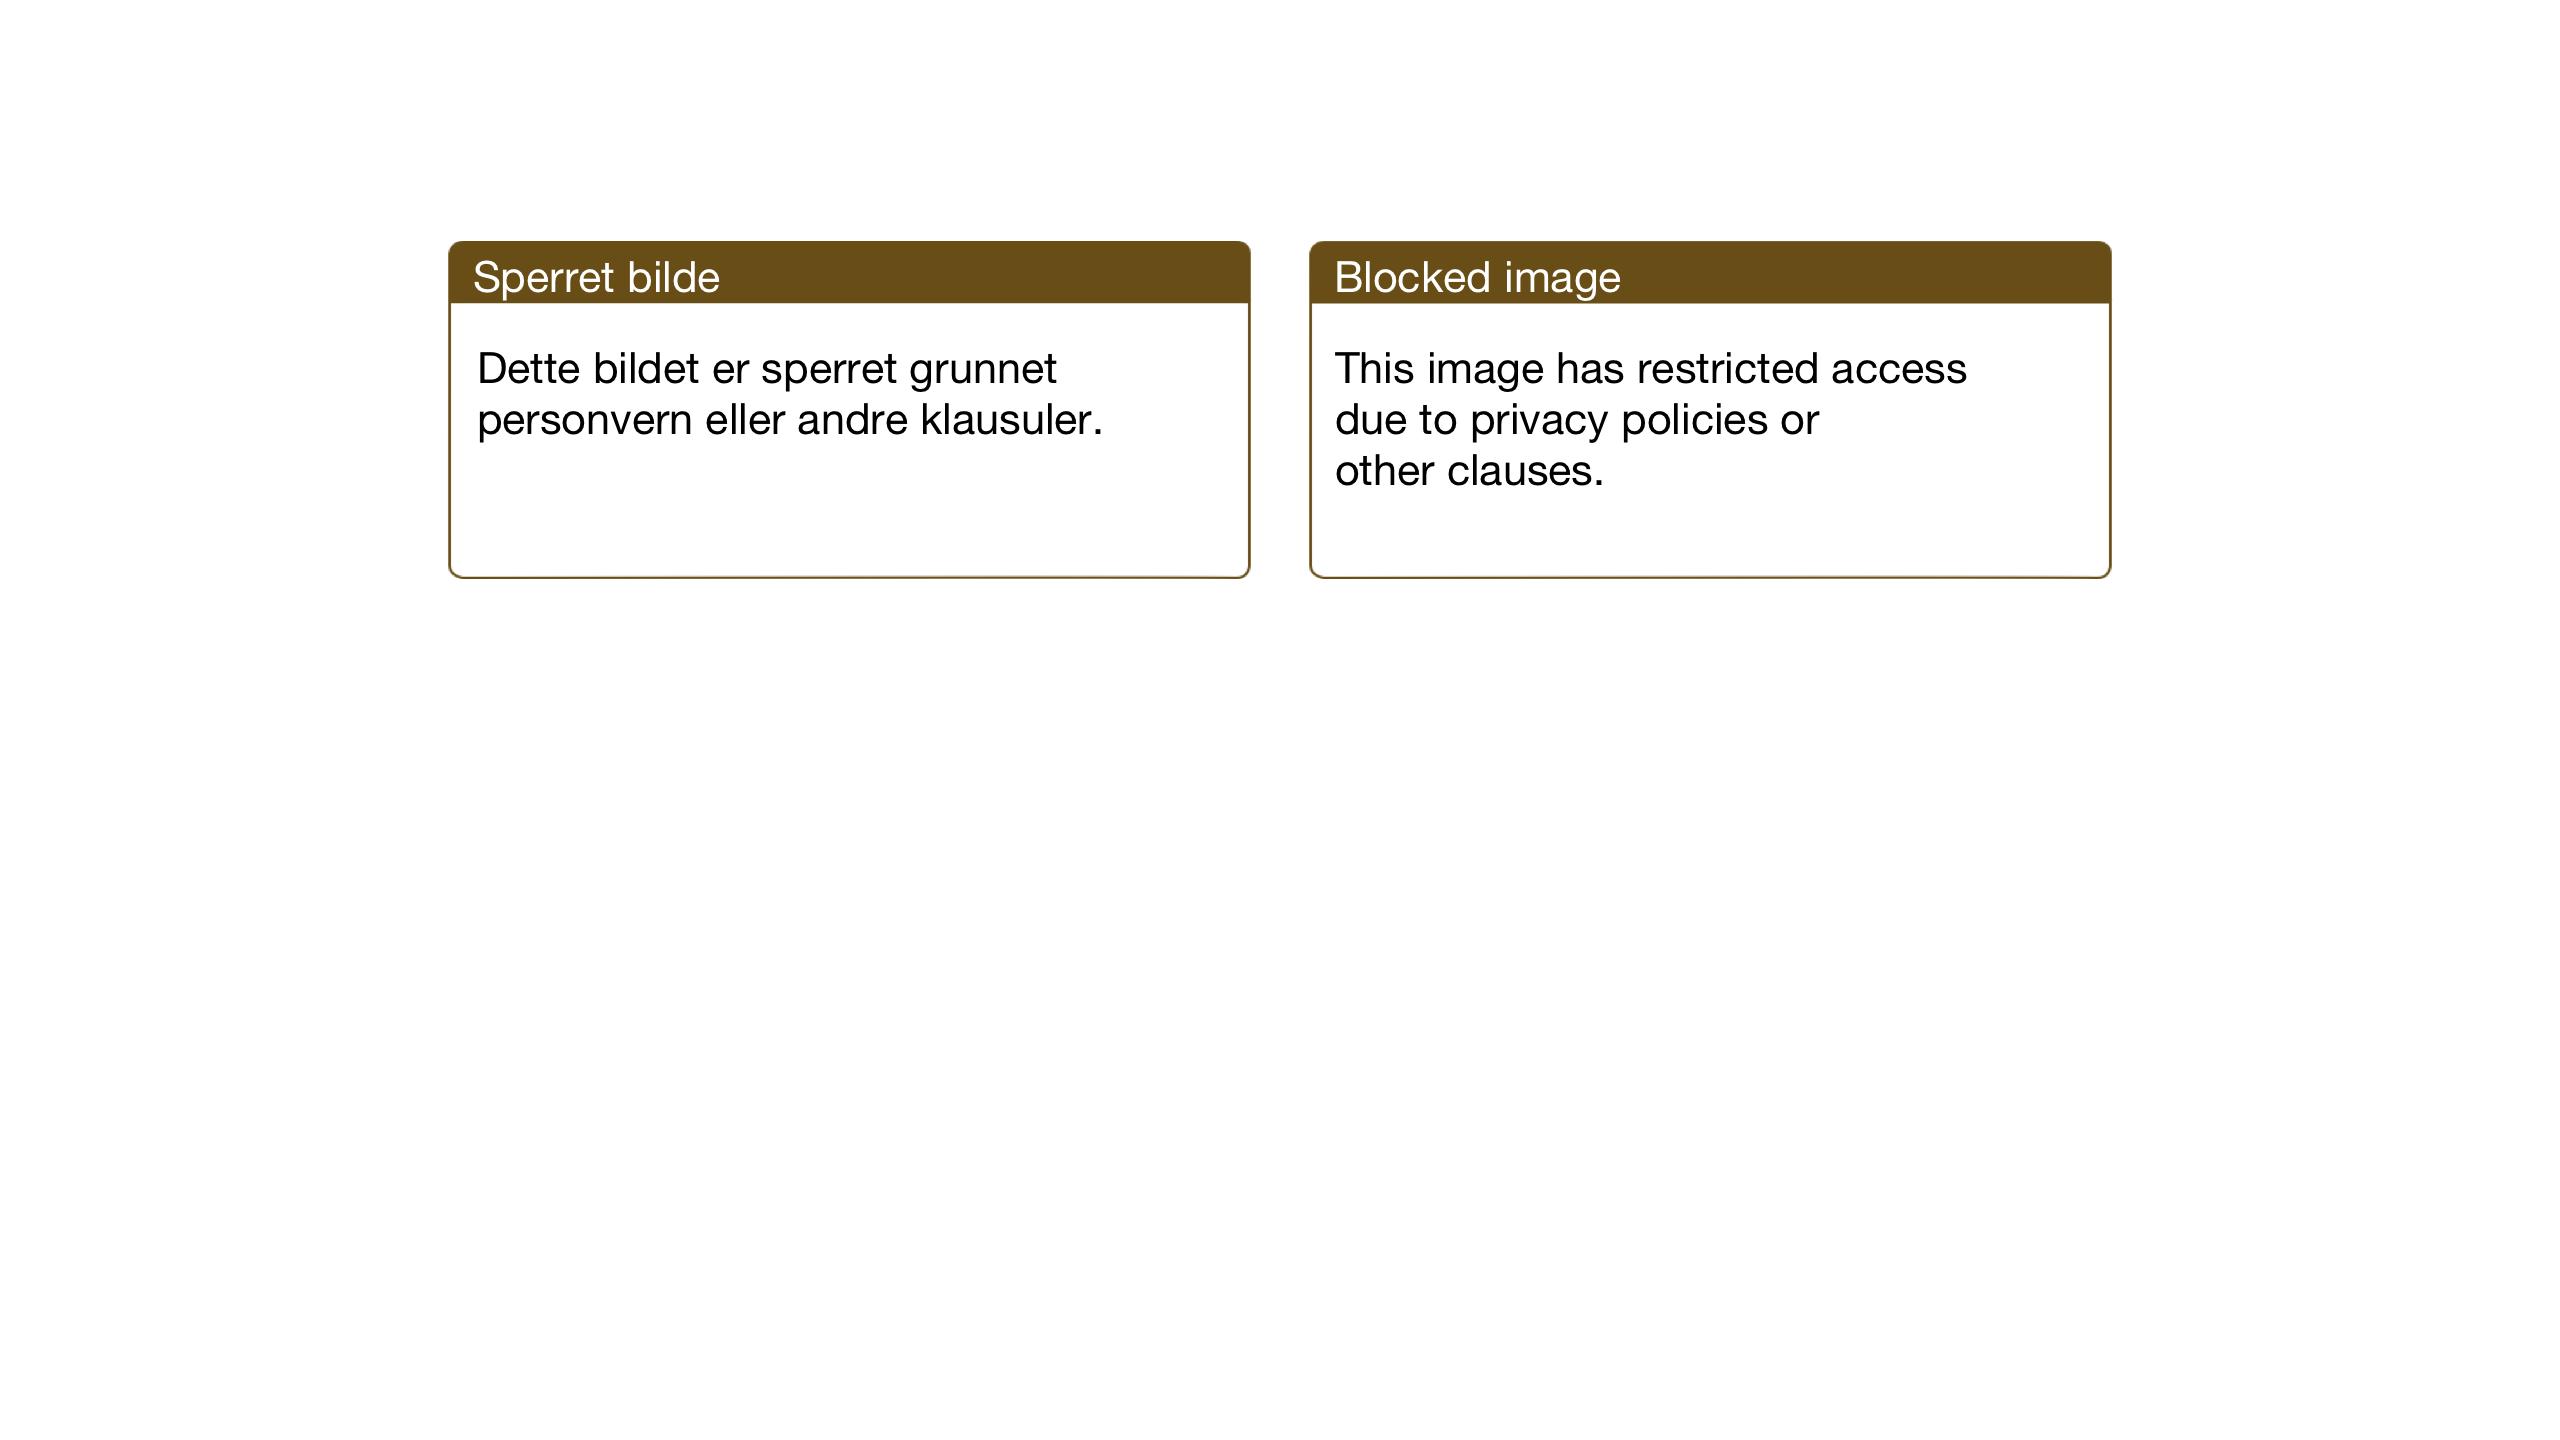 SAT, Ministerialprotokoller, klokkerbøker og fødselsregistre - Sør-Trøndelag, 669/L0832: Klokkerbok nr. 669C02, 1925-1953, s. 85